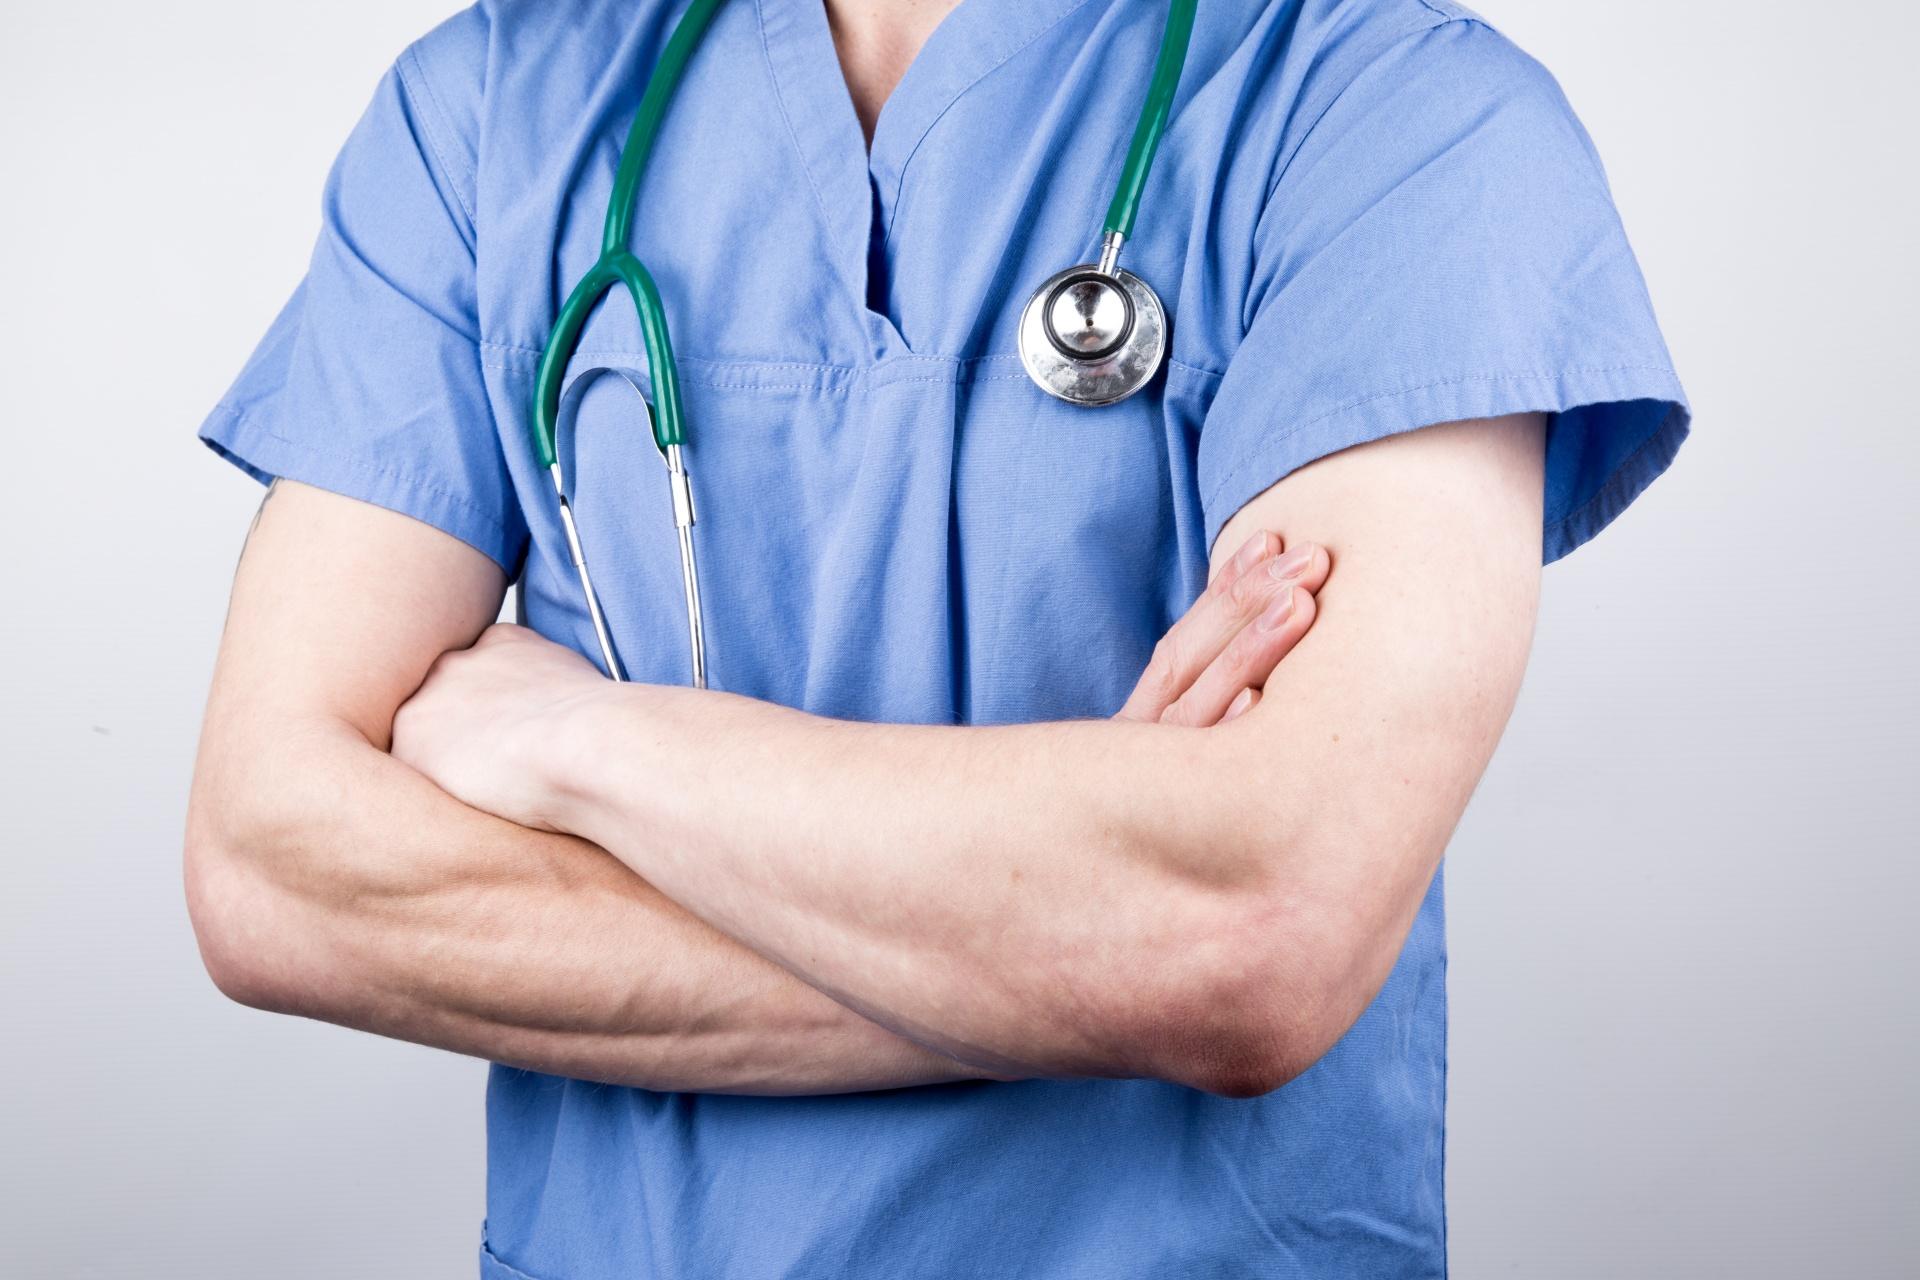 Fájdalommentes lézeres kezelések - Dr. Sándor Ferenc - Érsebész